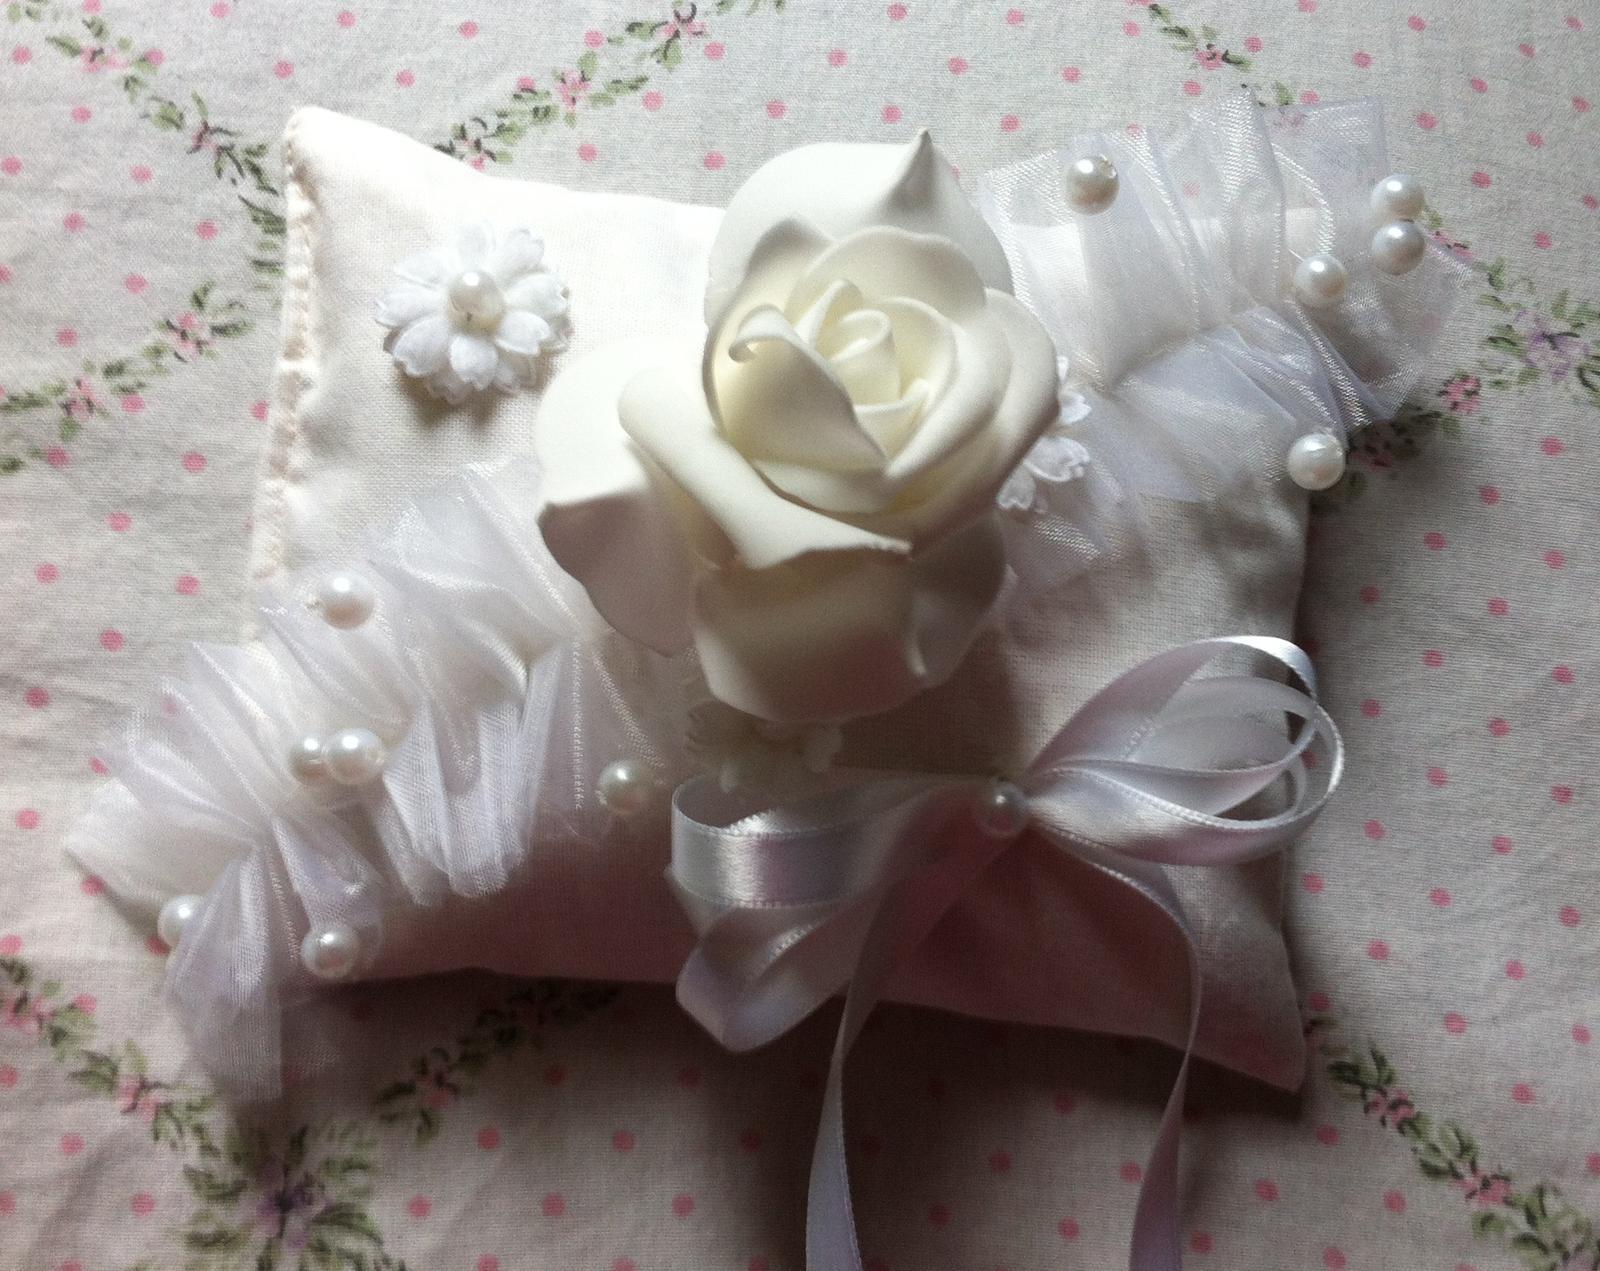 Netradiční svatební kytice - pěnové růžičky + polštářky pod prstýnky, košíčky - Obrázek č. 85